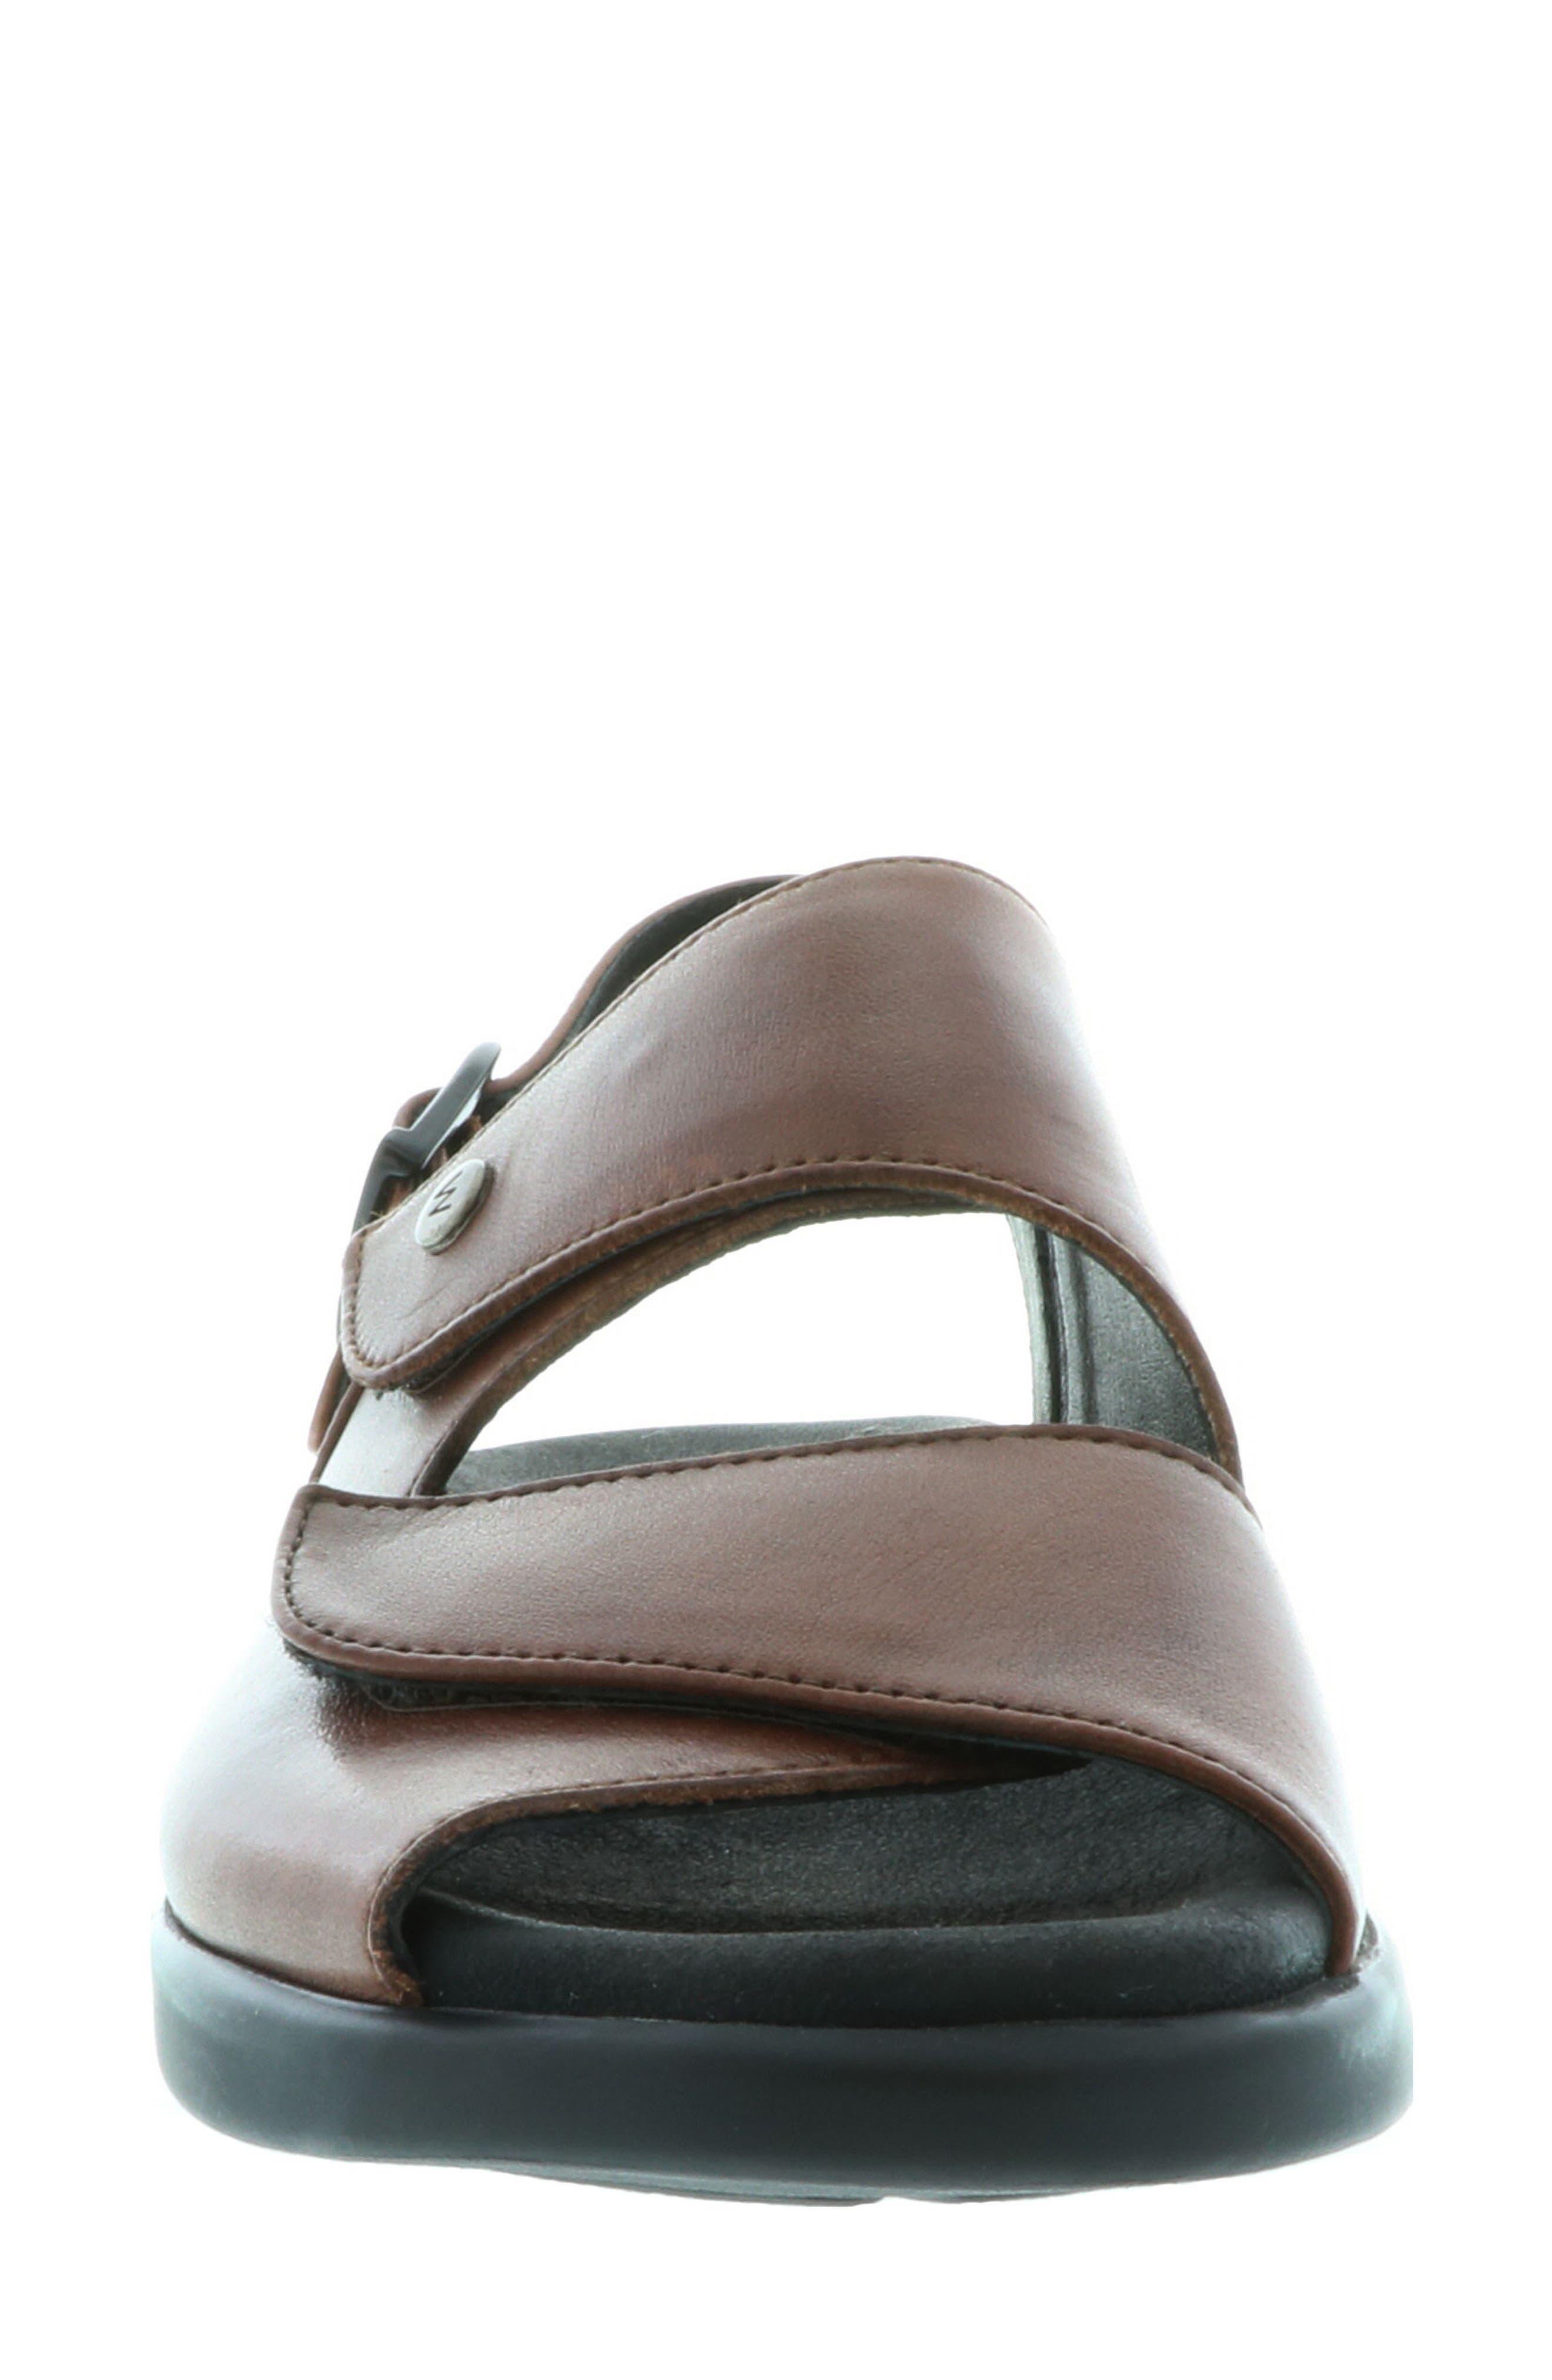 Nimes Sandal,                             Alternate thumbnail 4, color,                             Cognac Faux Leather